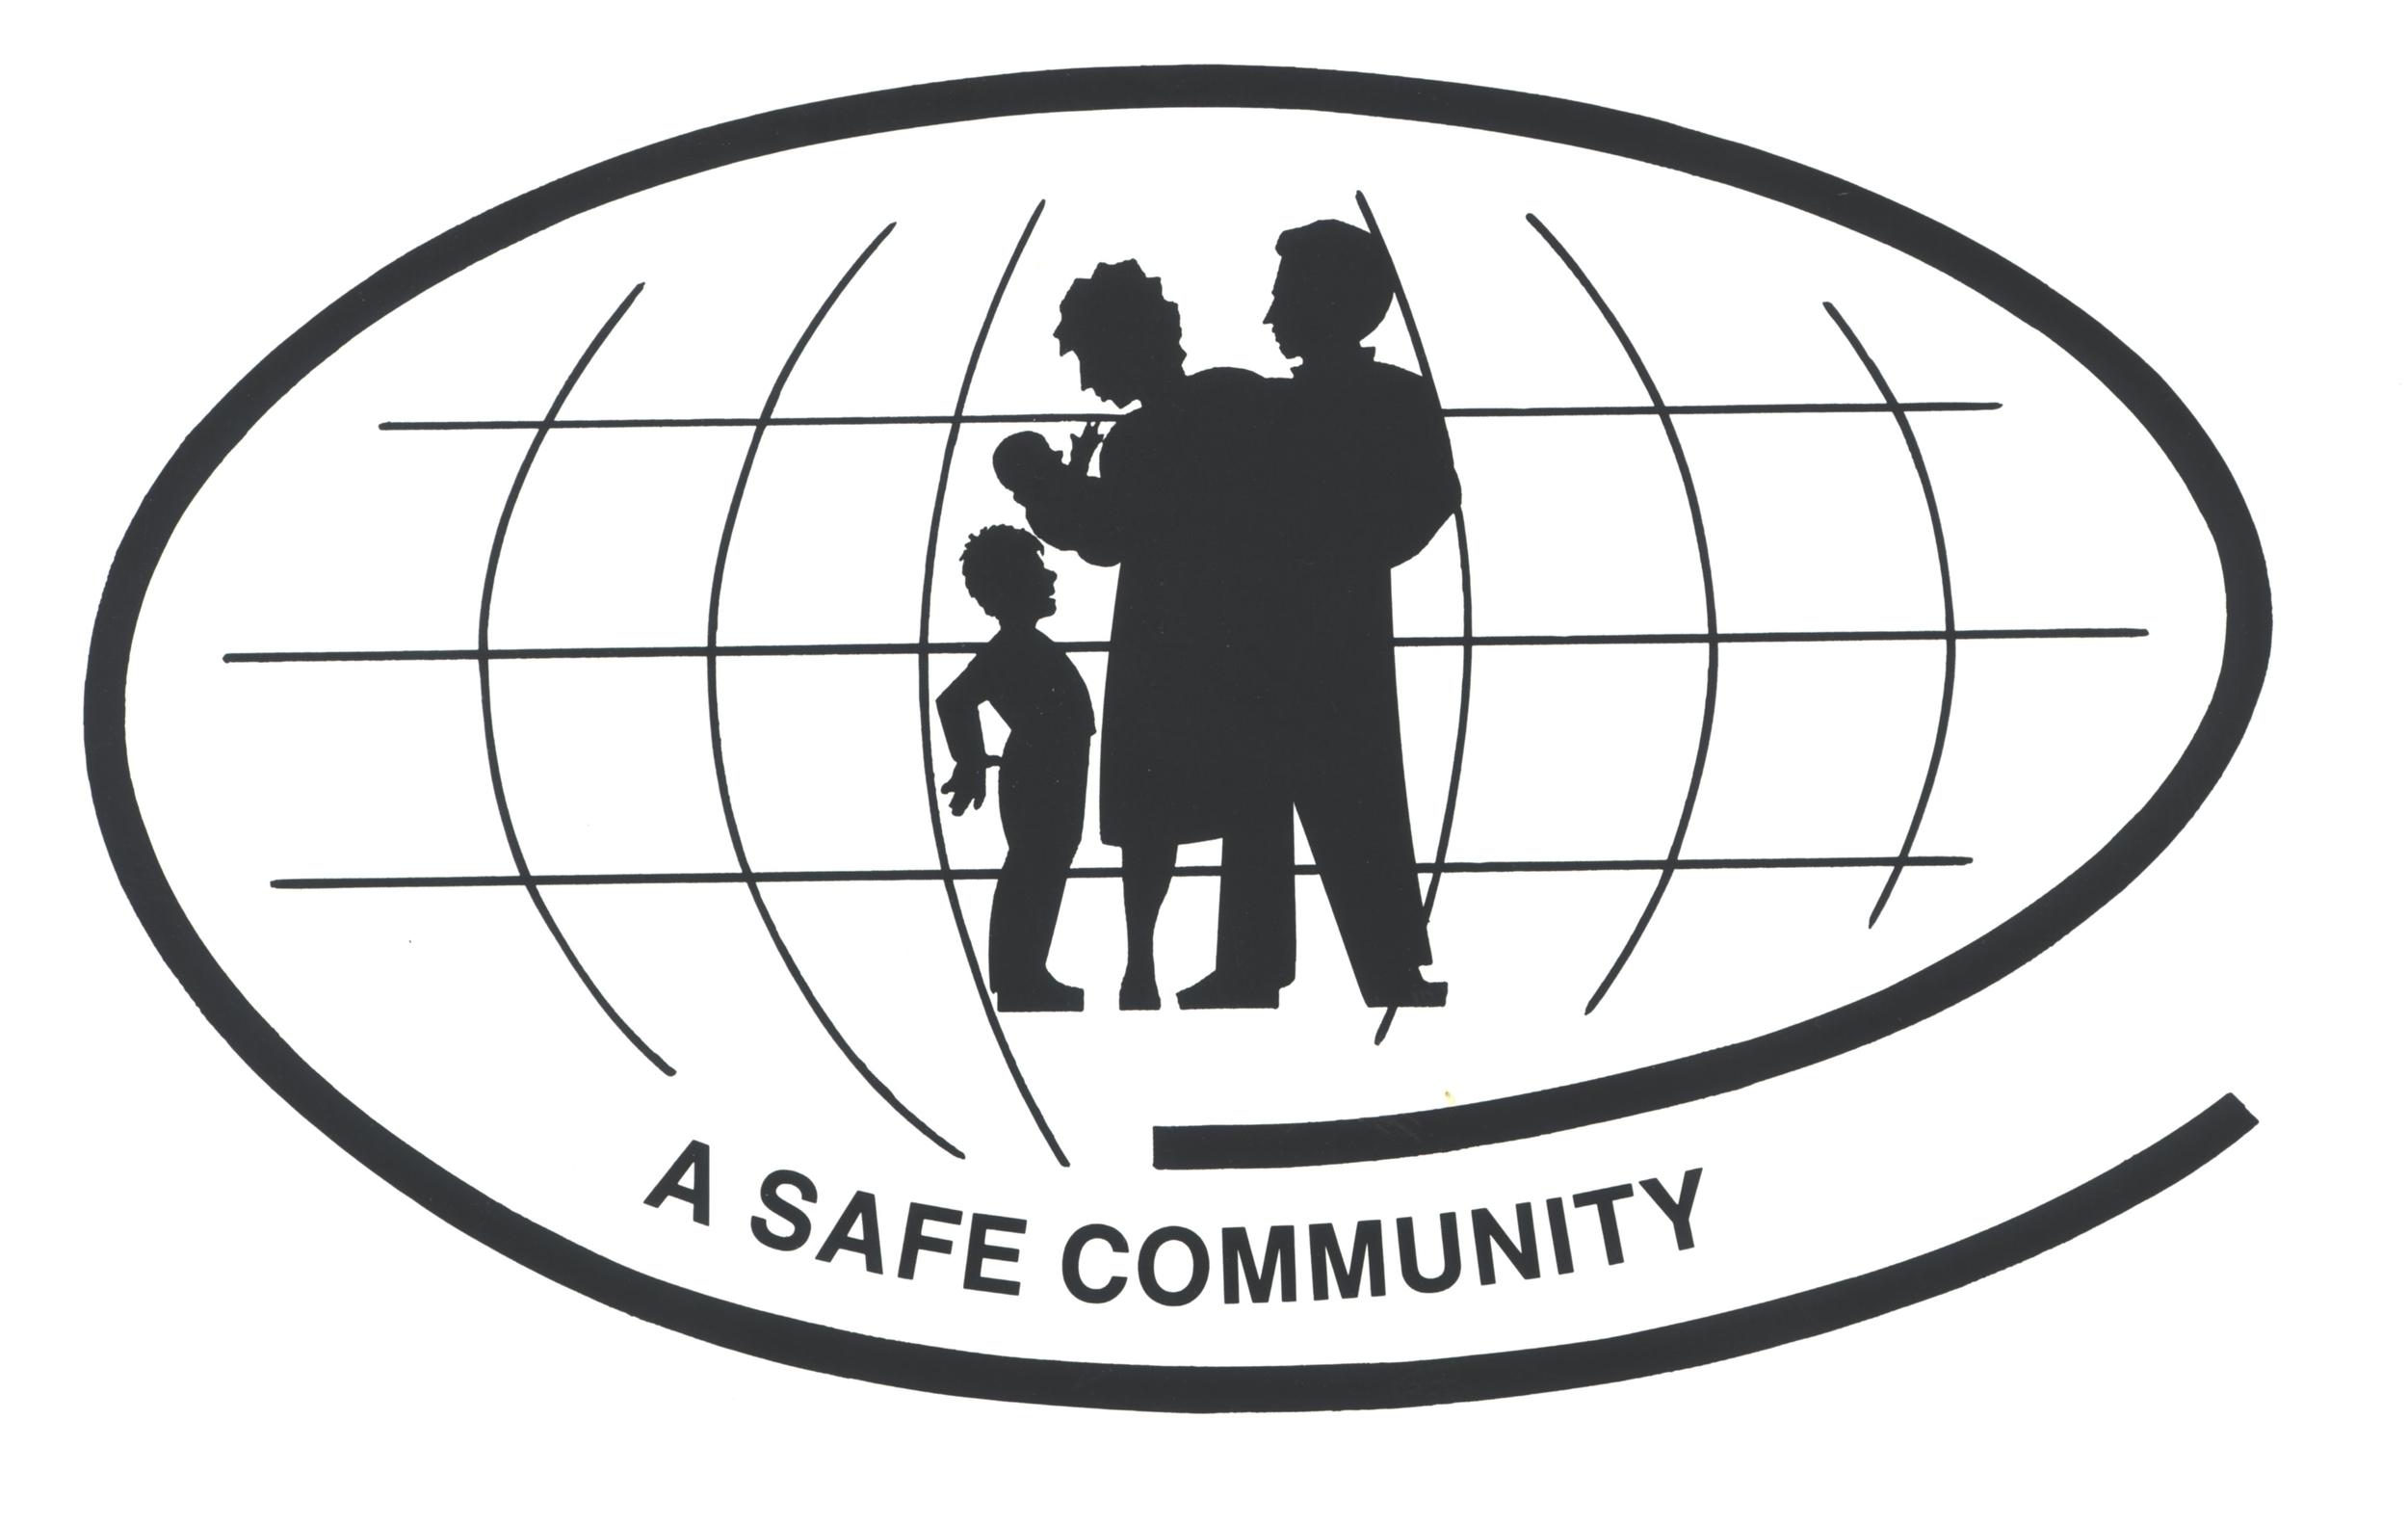 A_Safe_Community.JPG